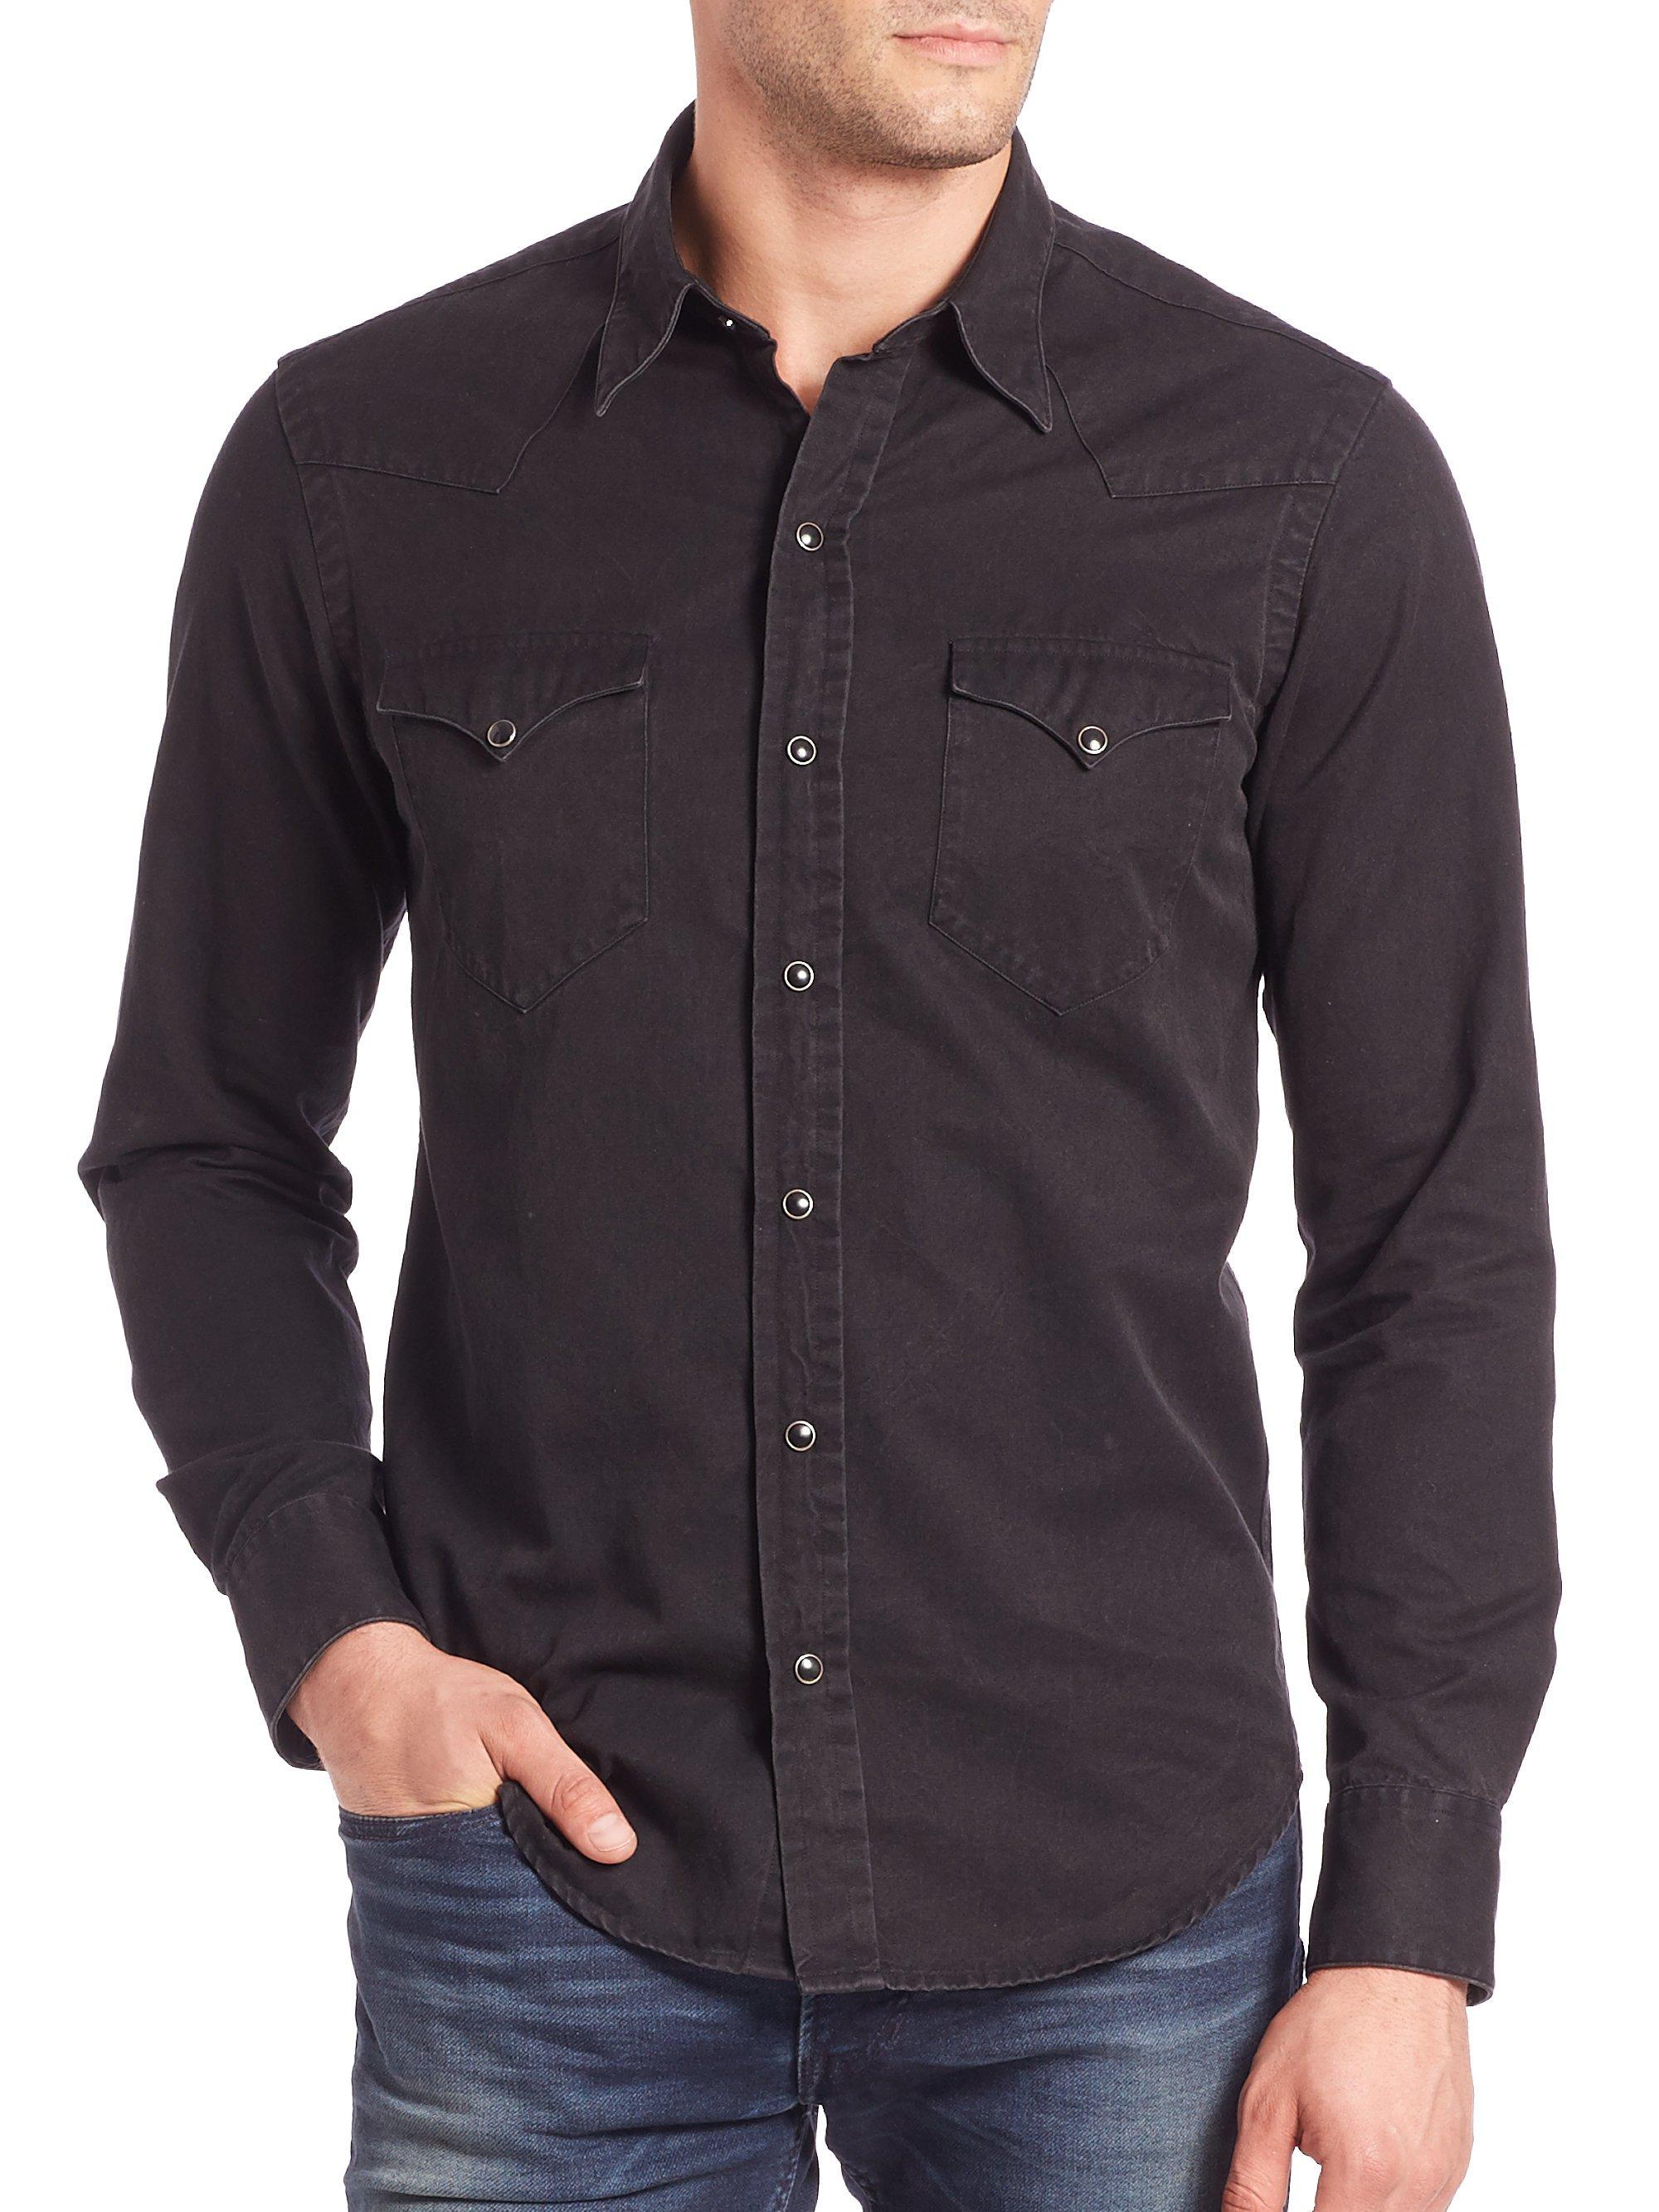 Find great deals on eBay for black denim shirt men. Shop with confidence.